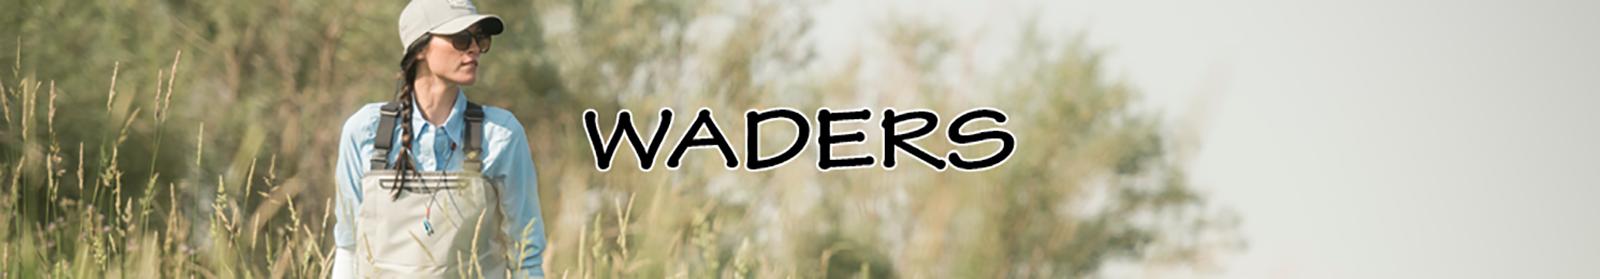 Waders hos LYSTFISKEREN.dk